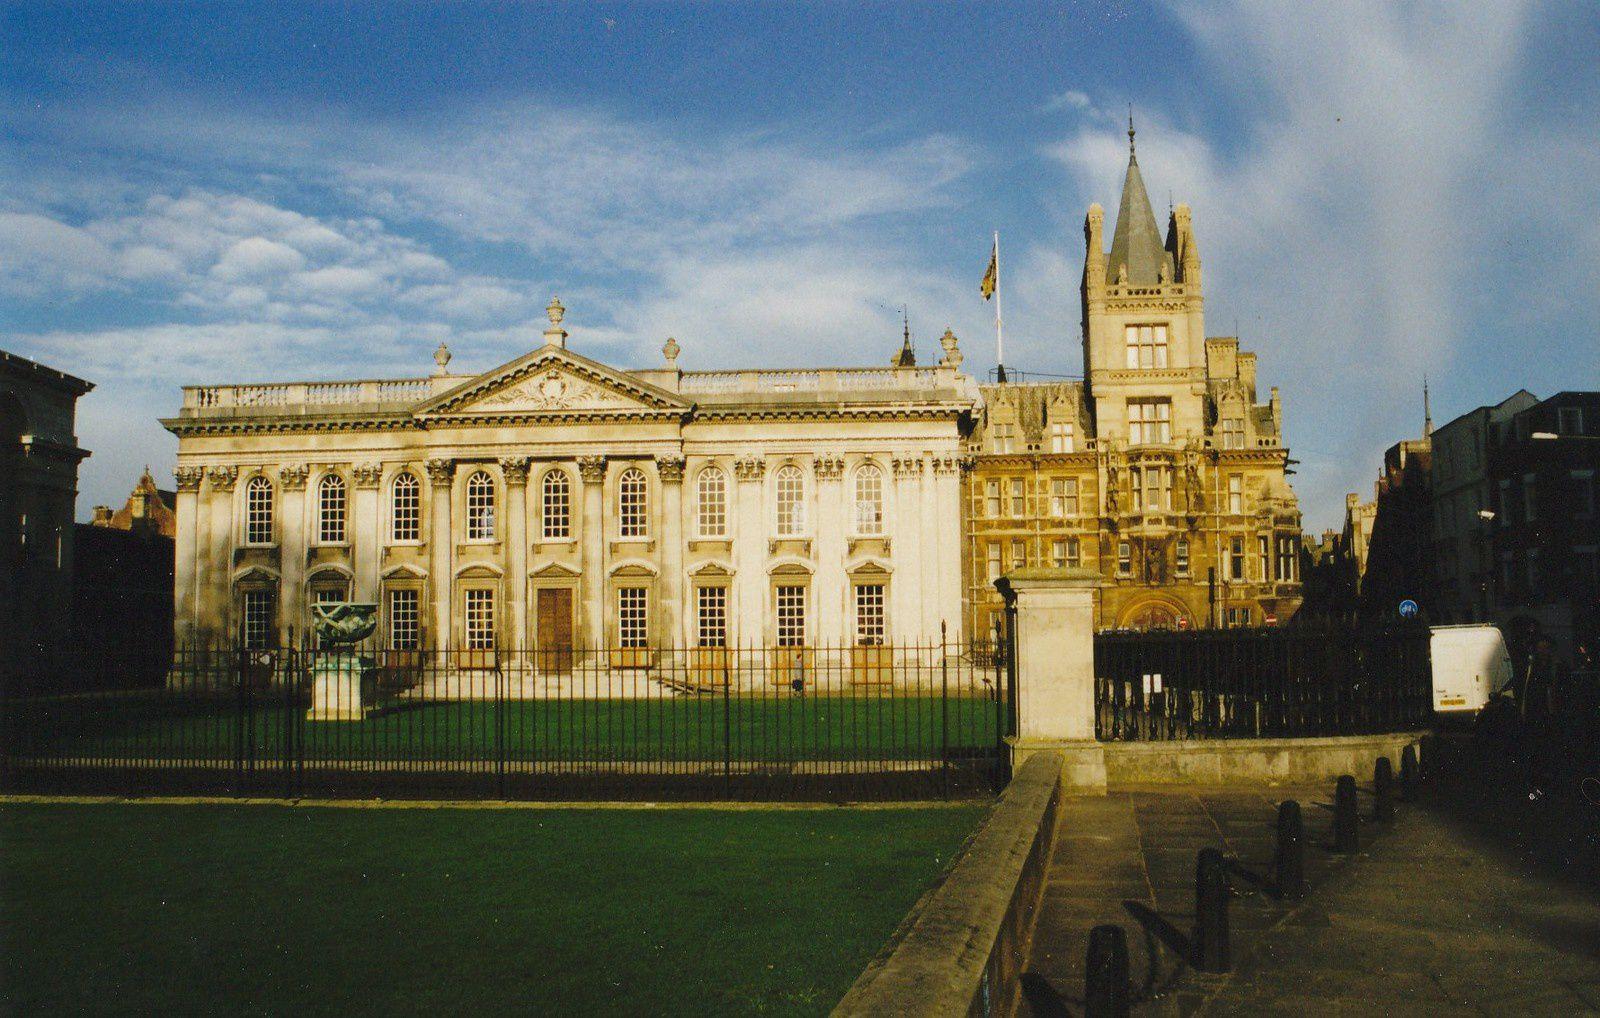 Photo prise lors de notre voyage à Cambridge